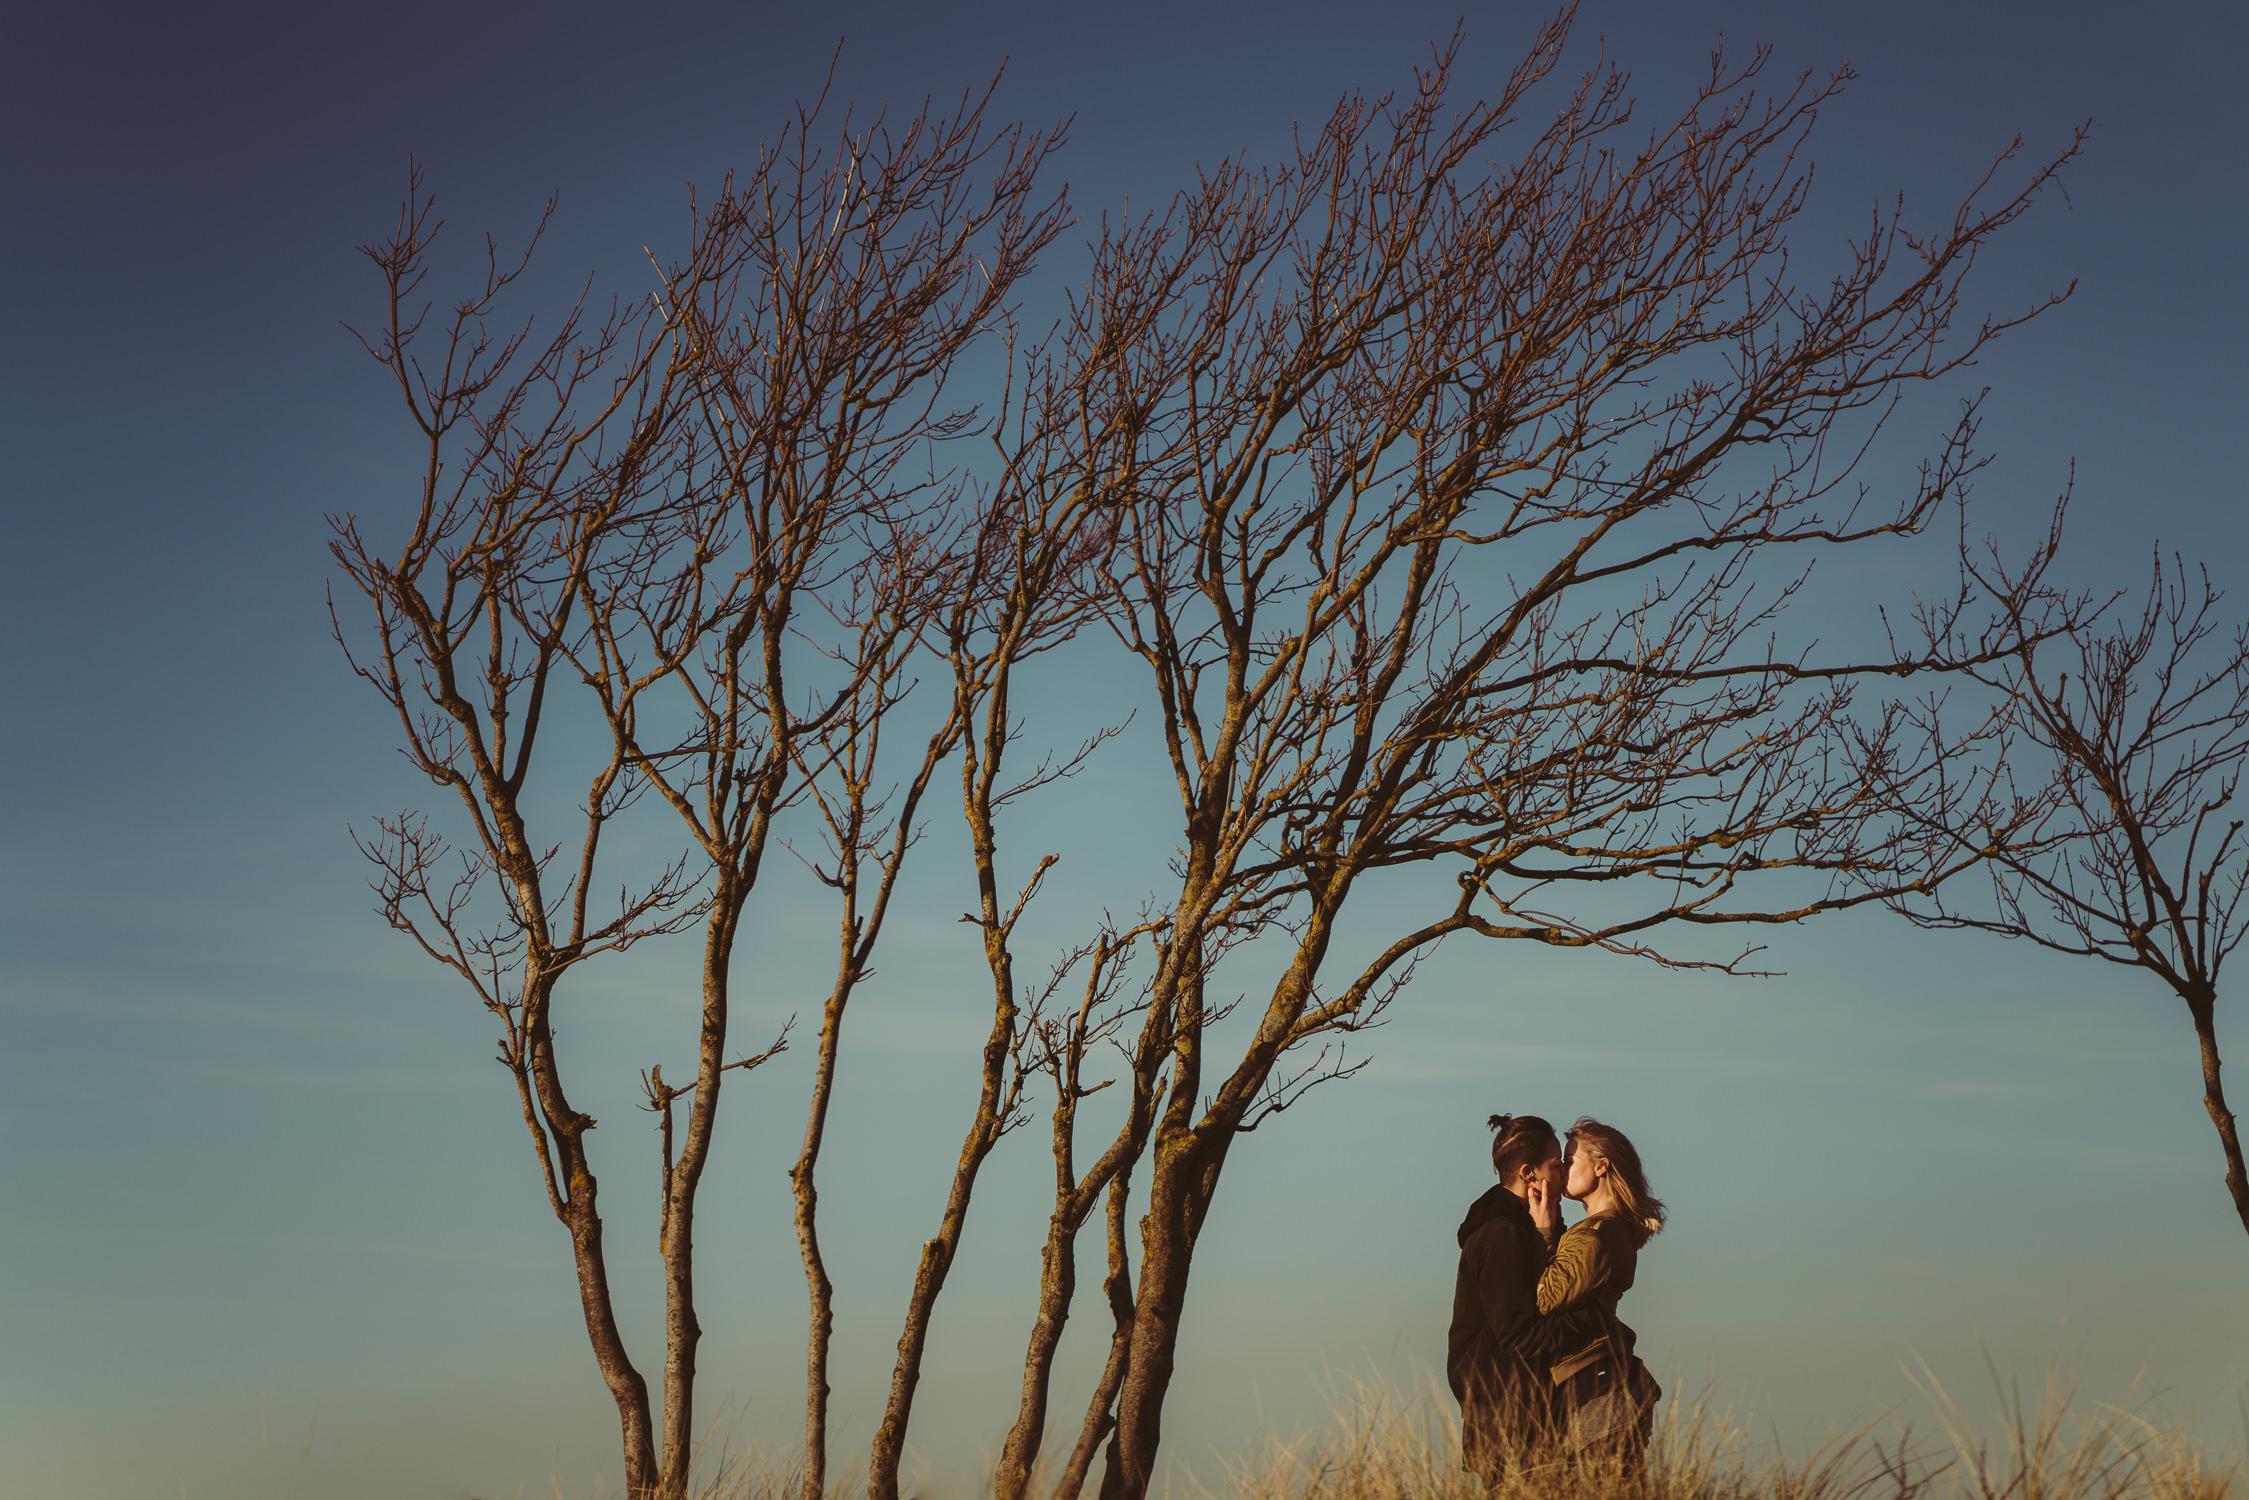 bloemendaal loveshoot under tree in landscape